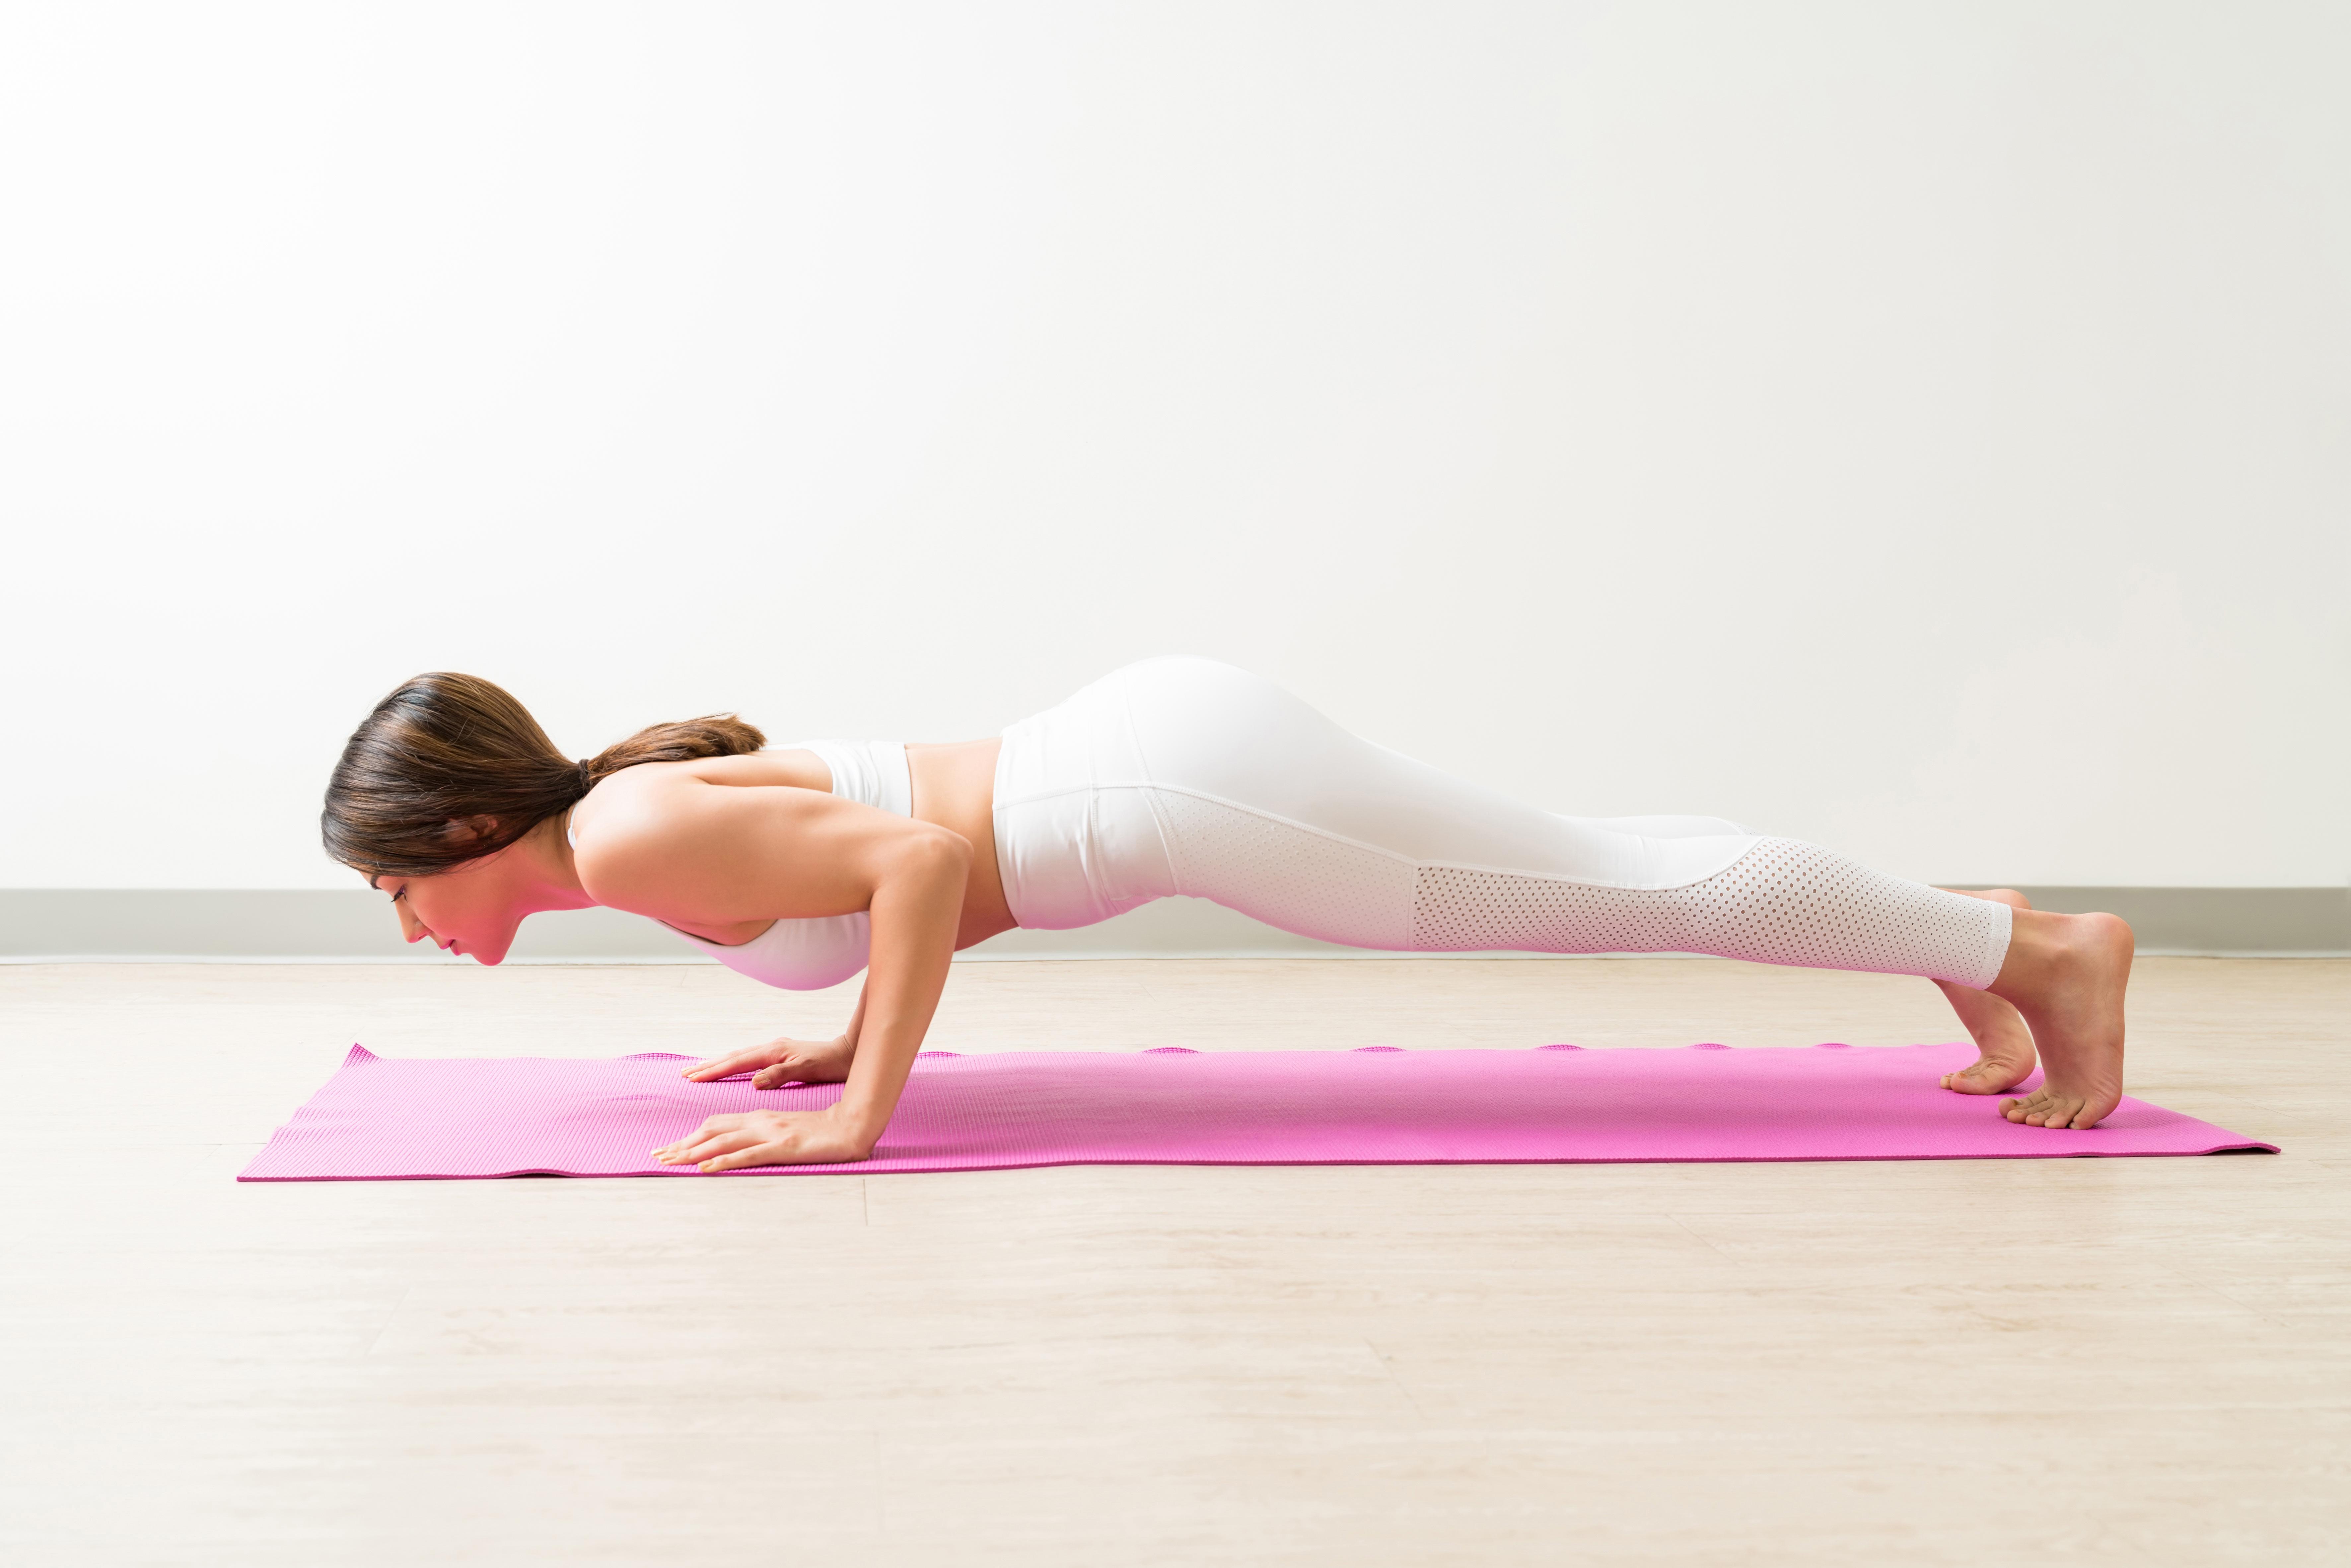 7.Low Plank/Chaturanga Dandasana